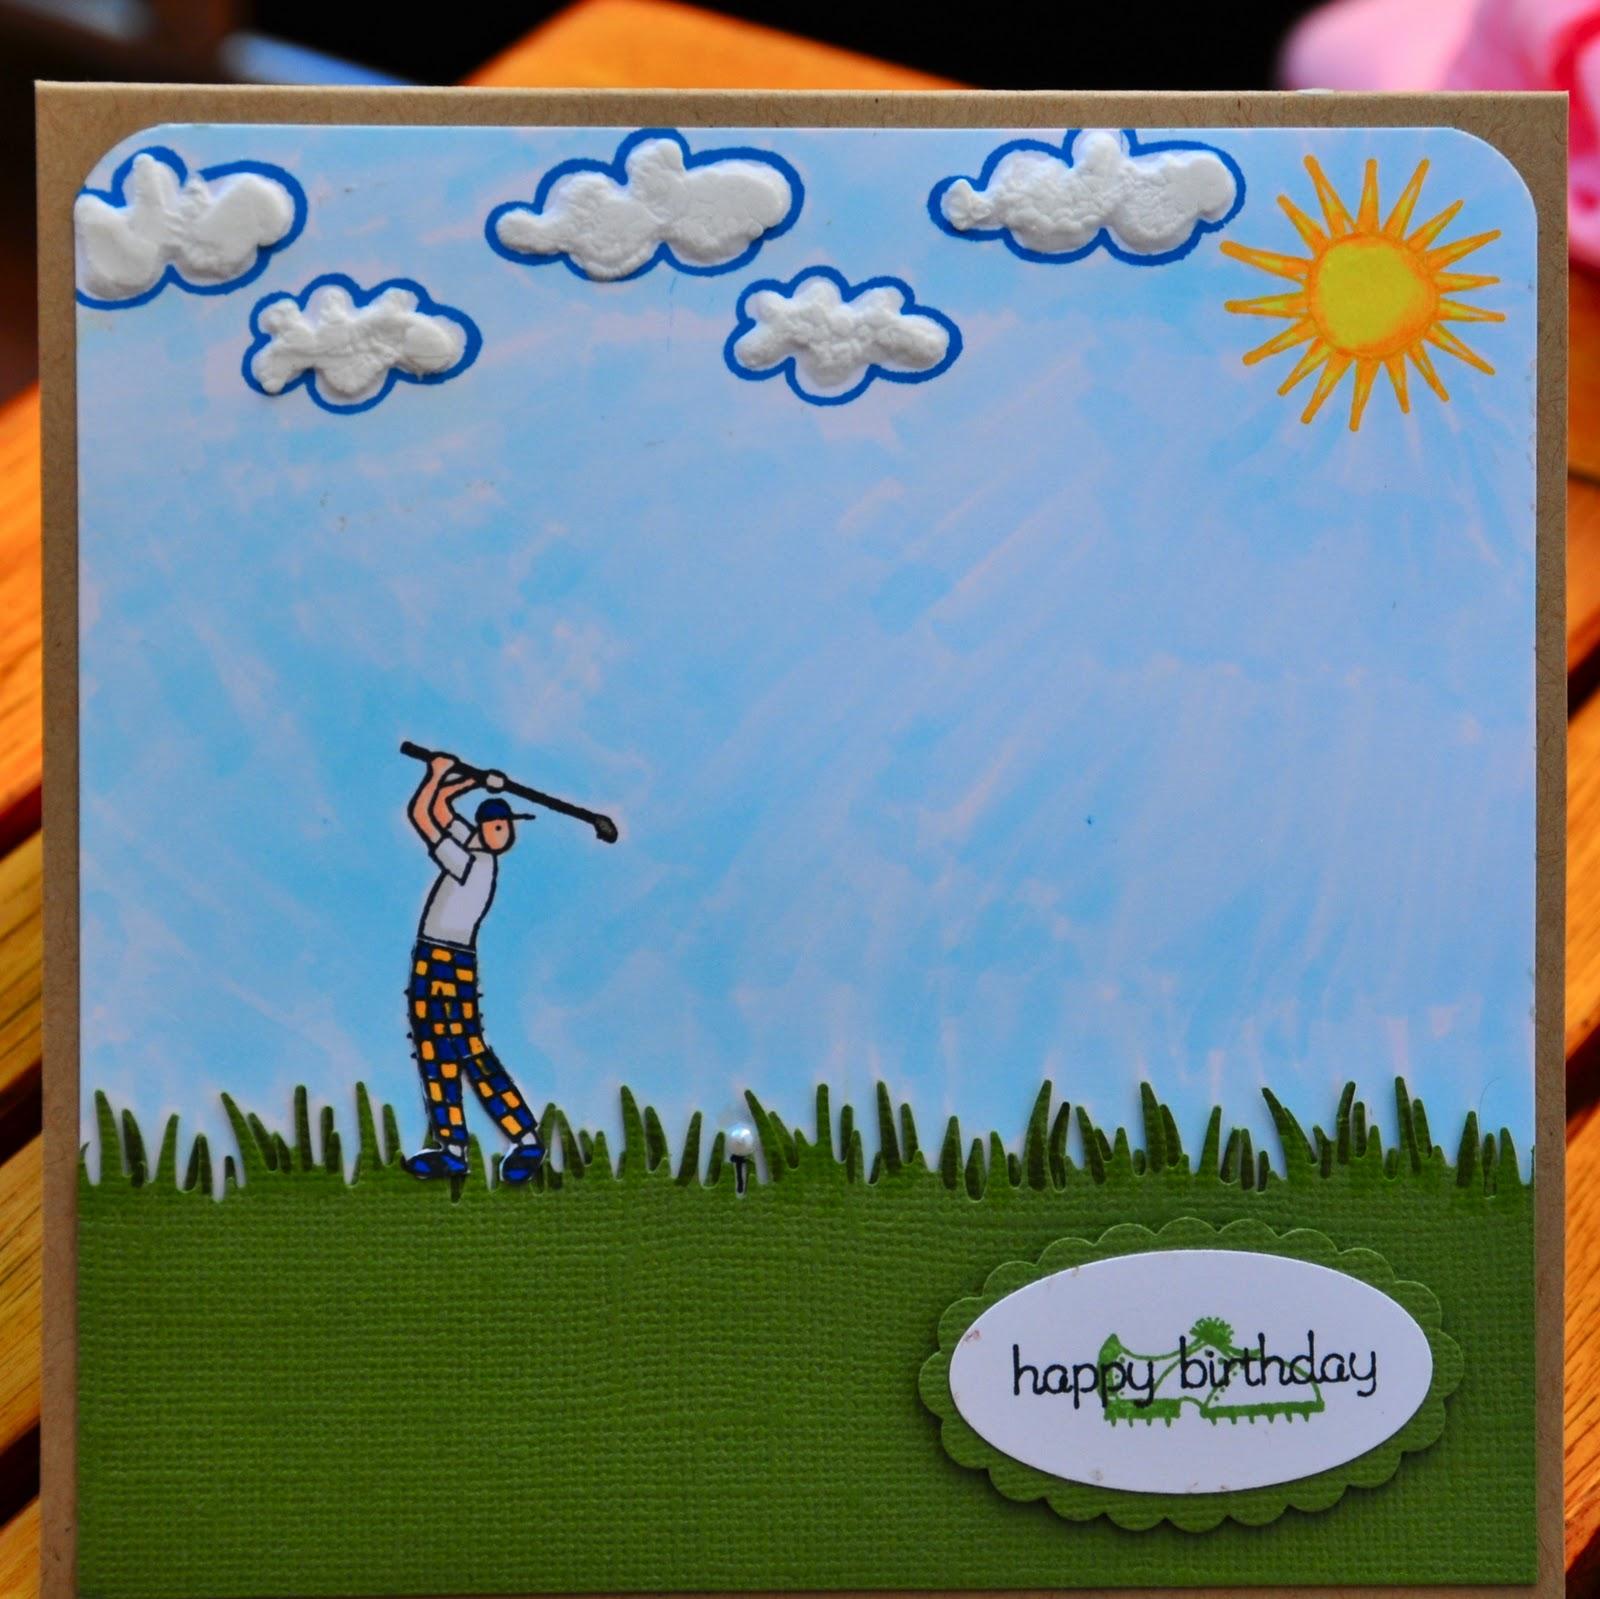 TeaDub Design Golf Birthday Card – Golfing Birthday Cards